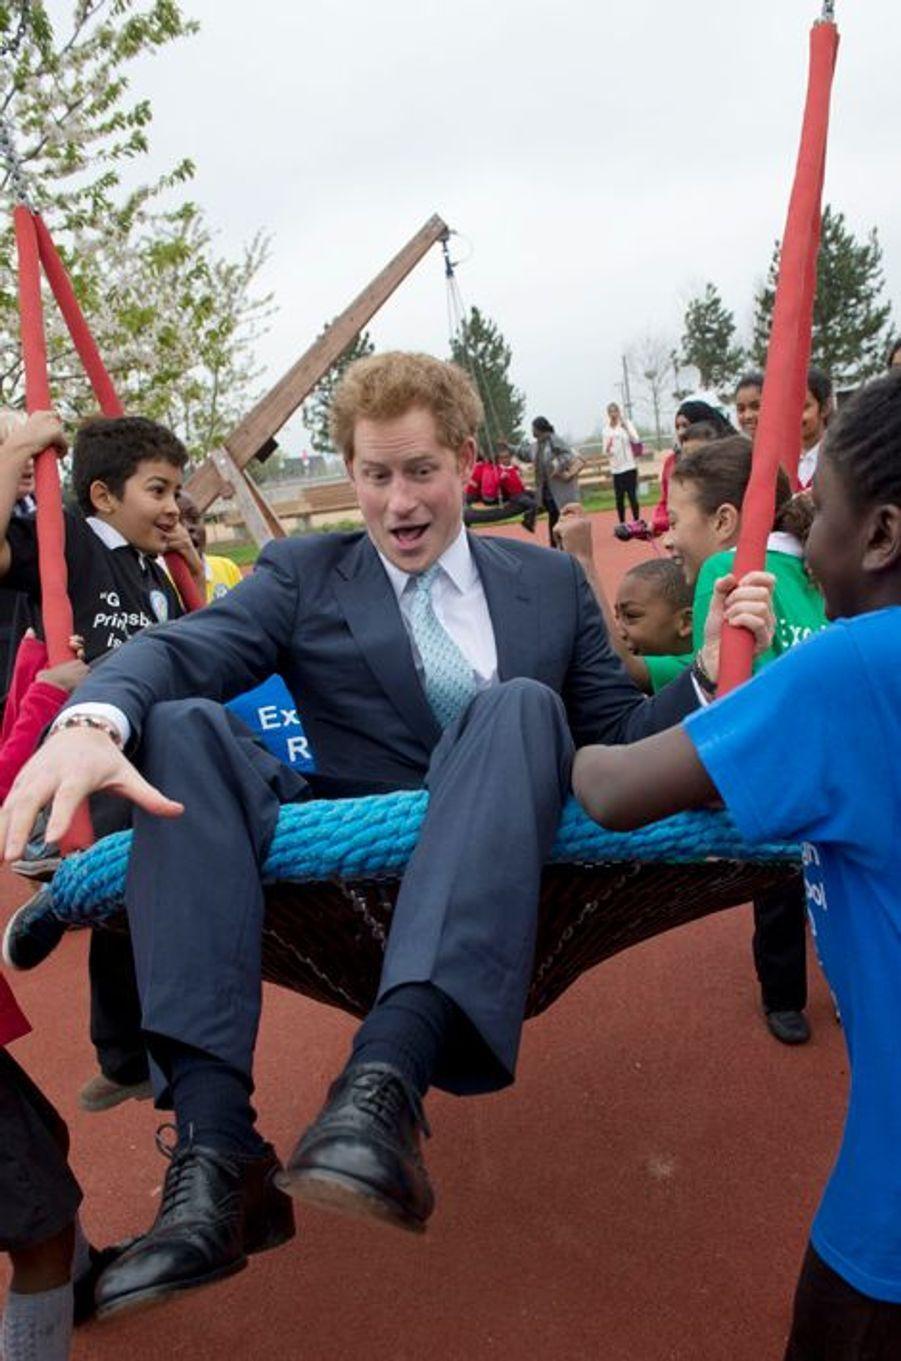 Ca balance pas mal pour Harry, à Londres le 4 avril 2014